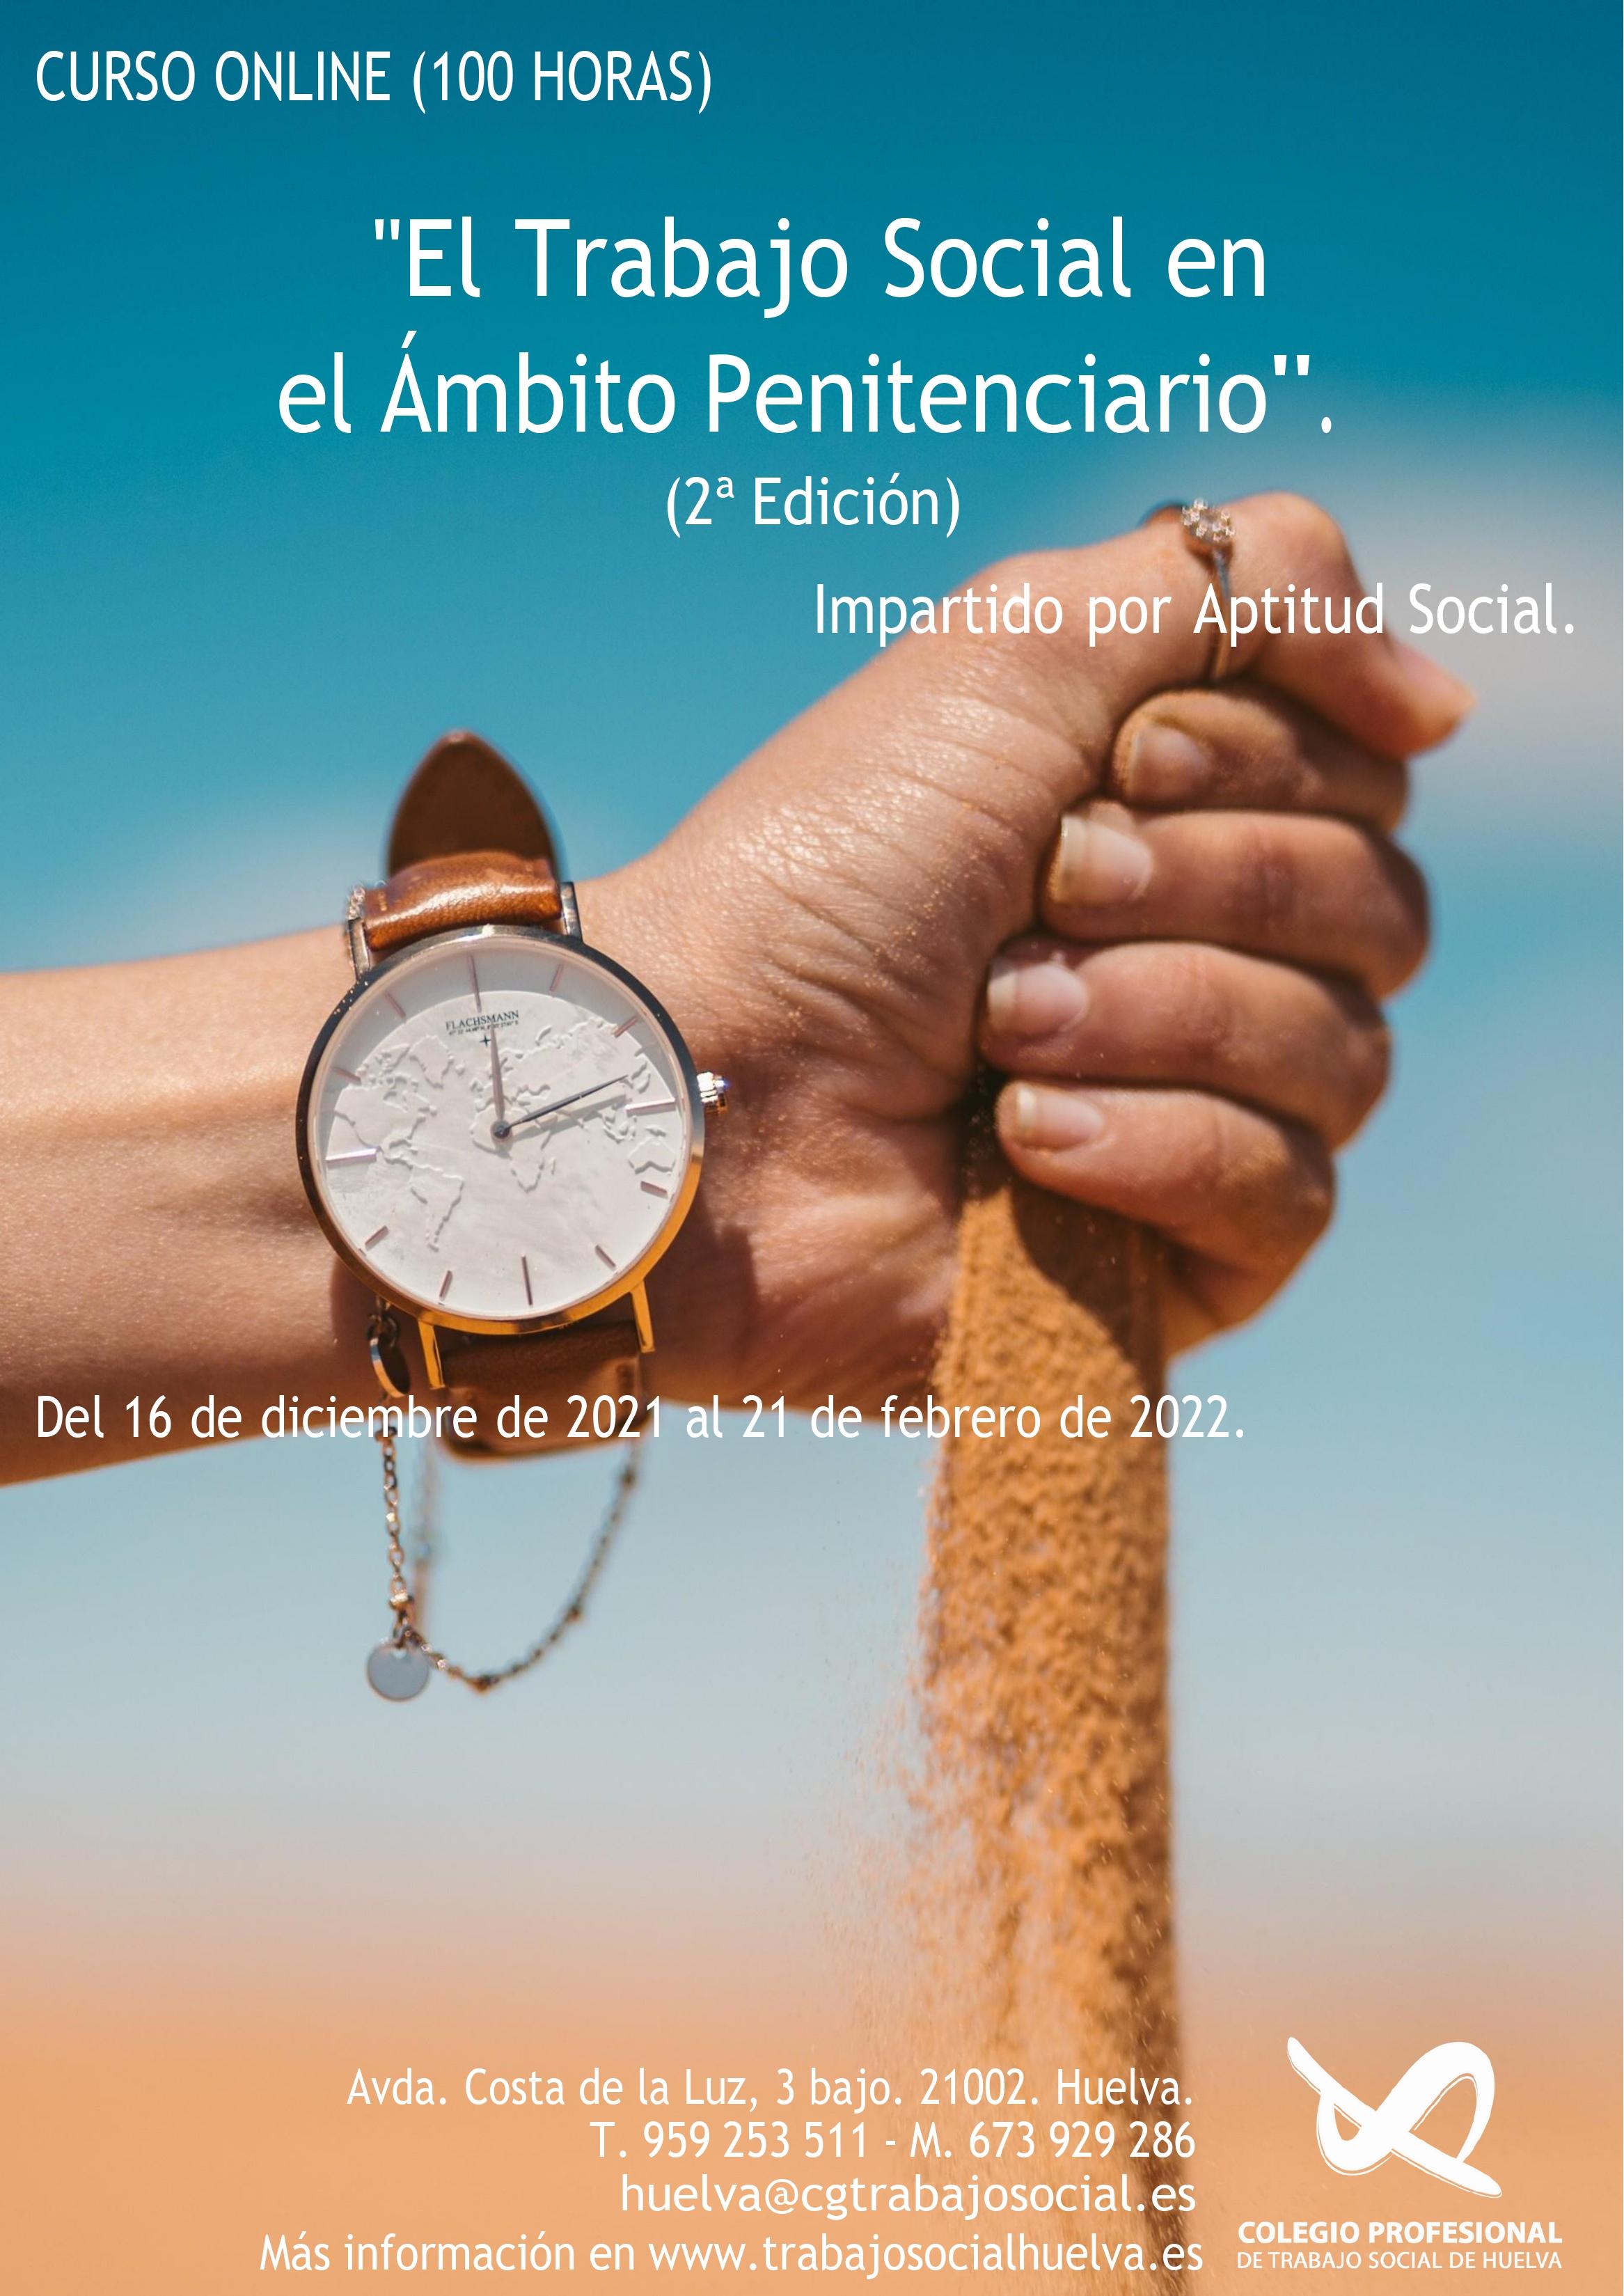 EL TRABAJO SOCIAL  EN EL ÁMBITO PENITENCIARIO